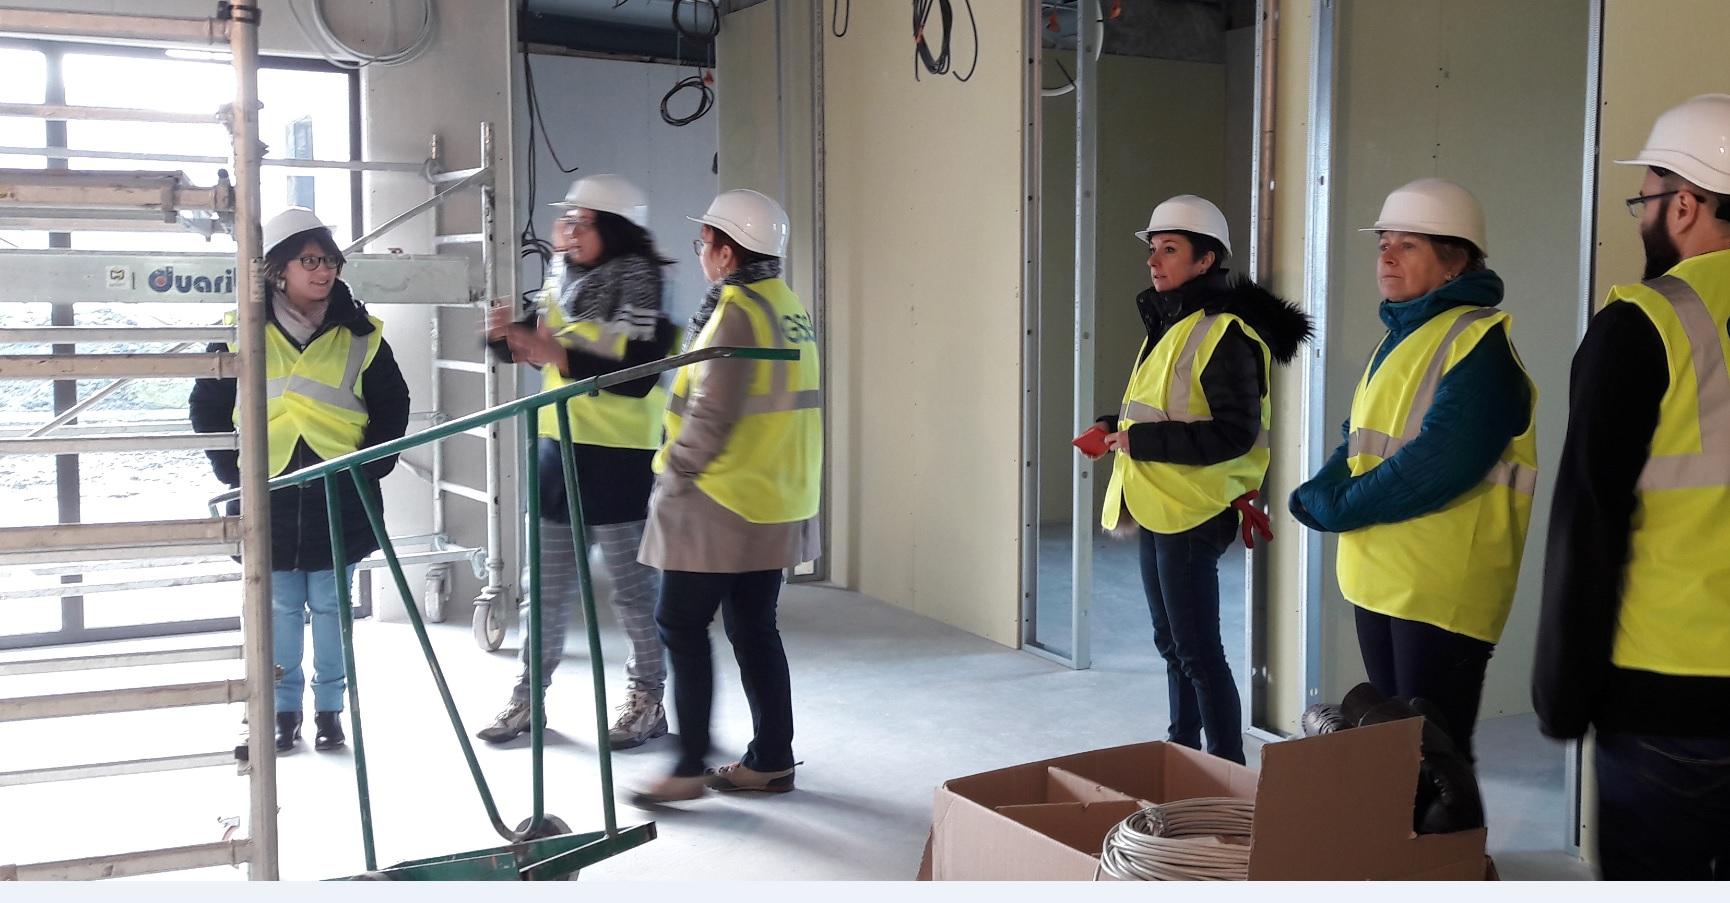 Nouveaux bureaux ucal nature et jardin - visite de chantier novembre 2019